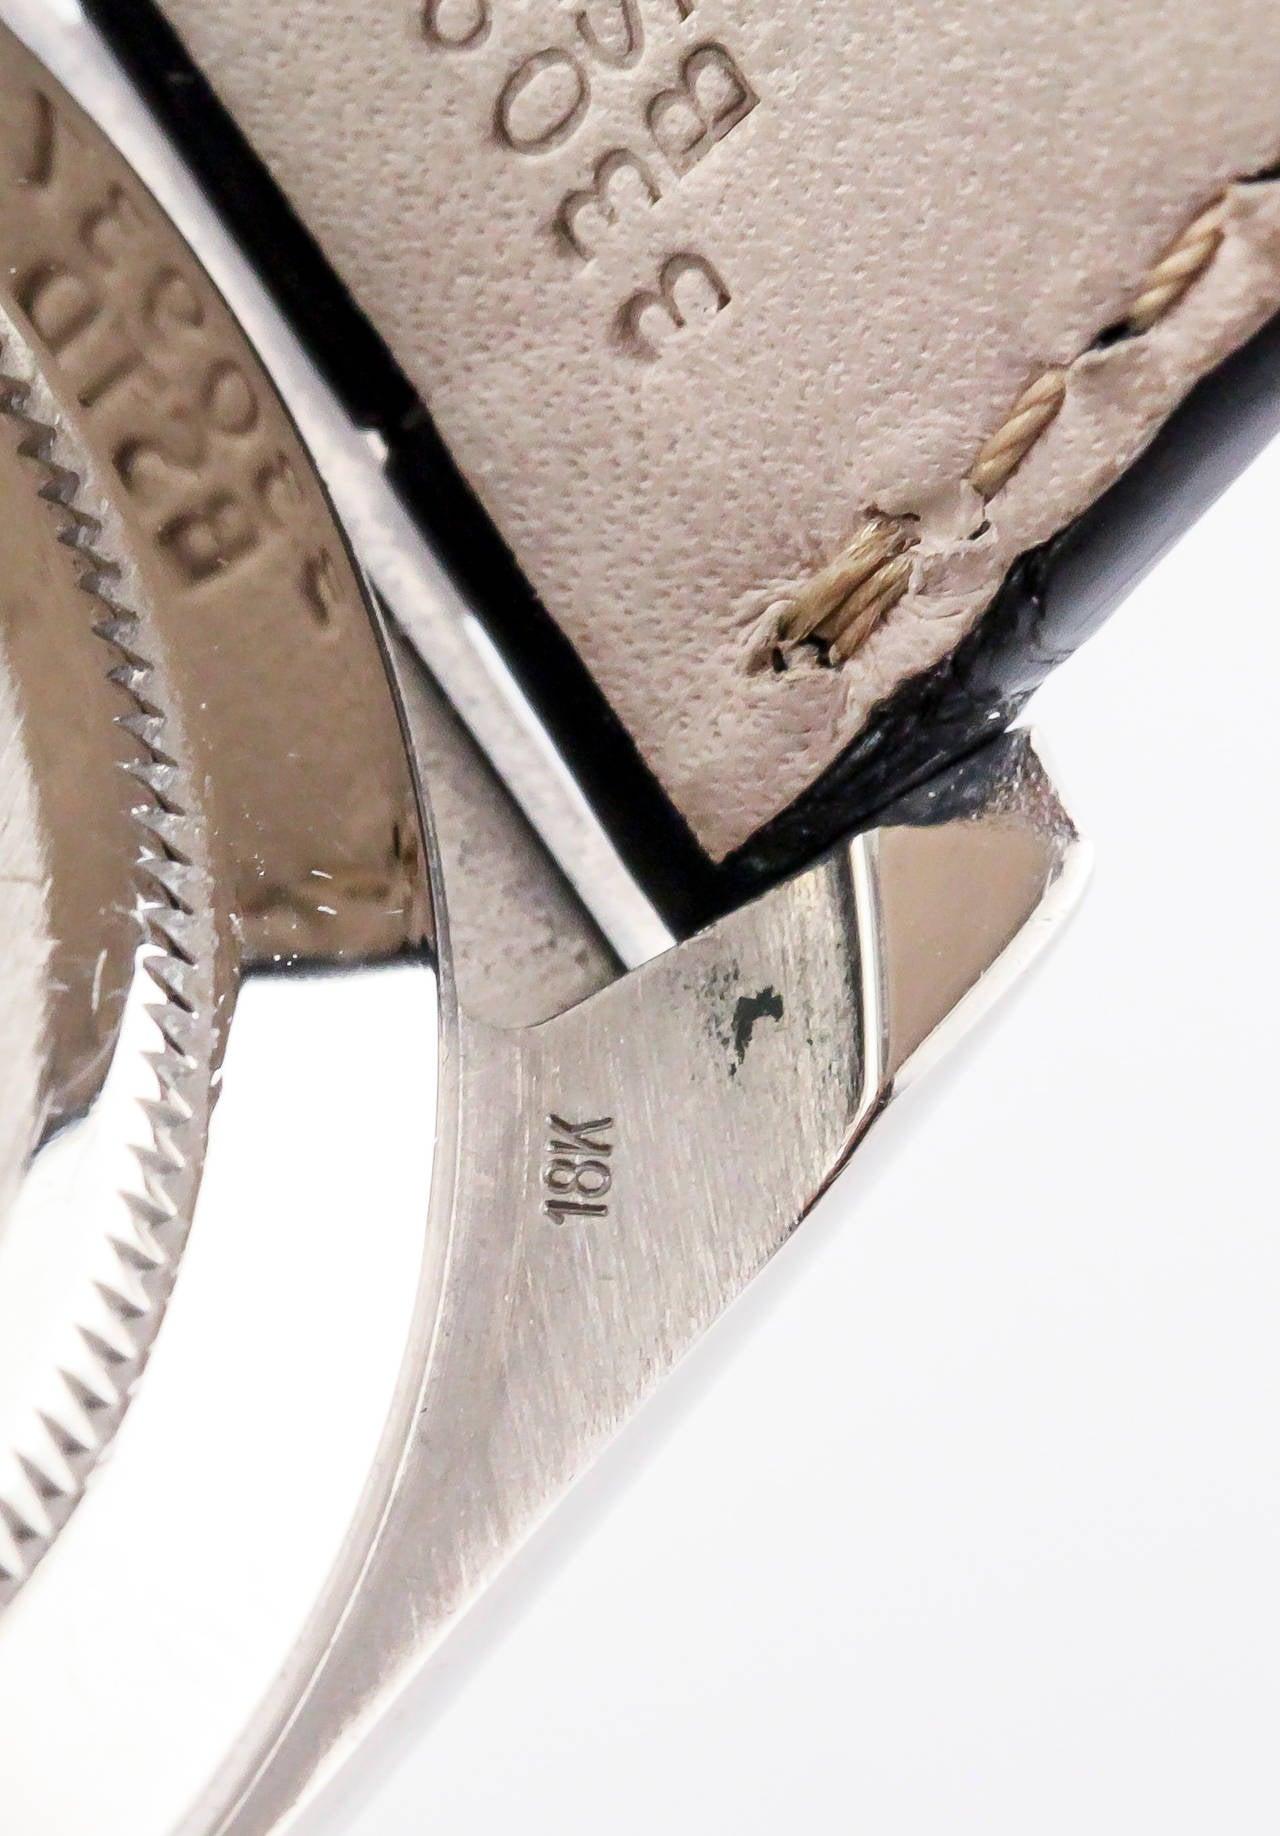 Rolex White Gold Daytona Chronograph Automatic Wristwatch 6